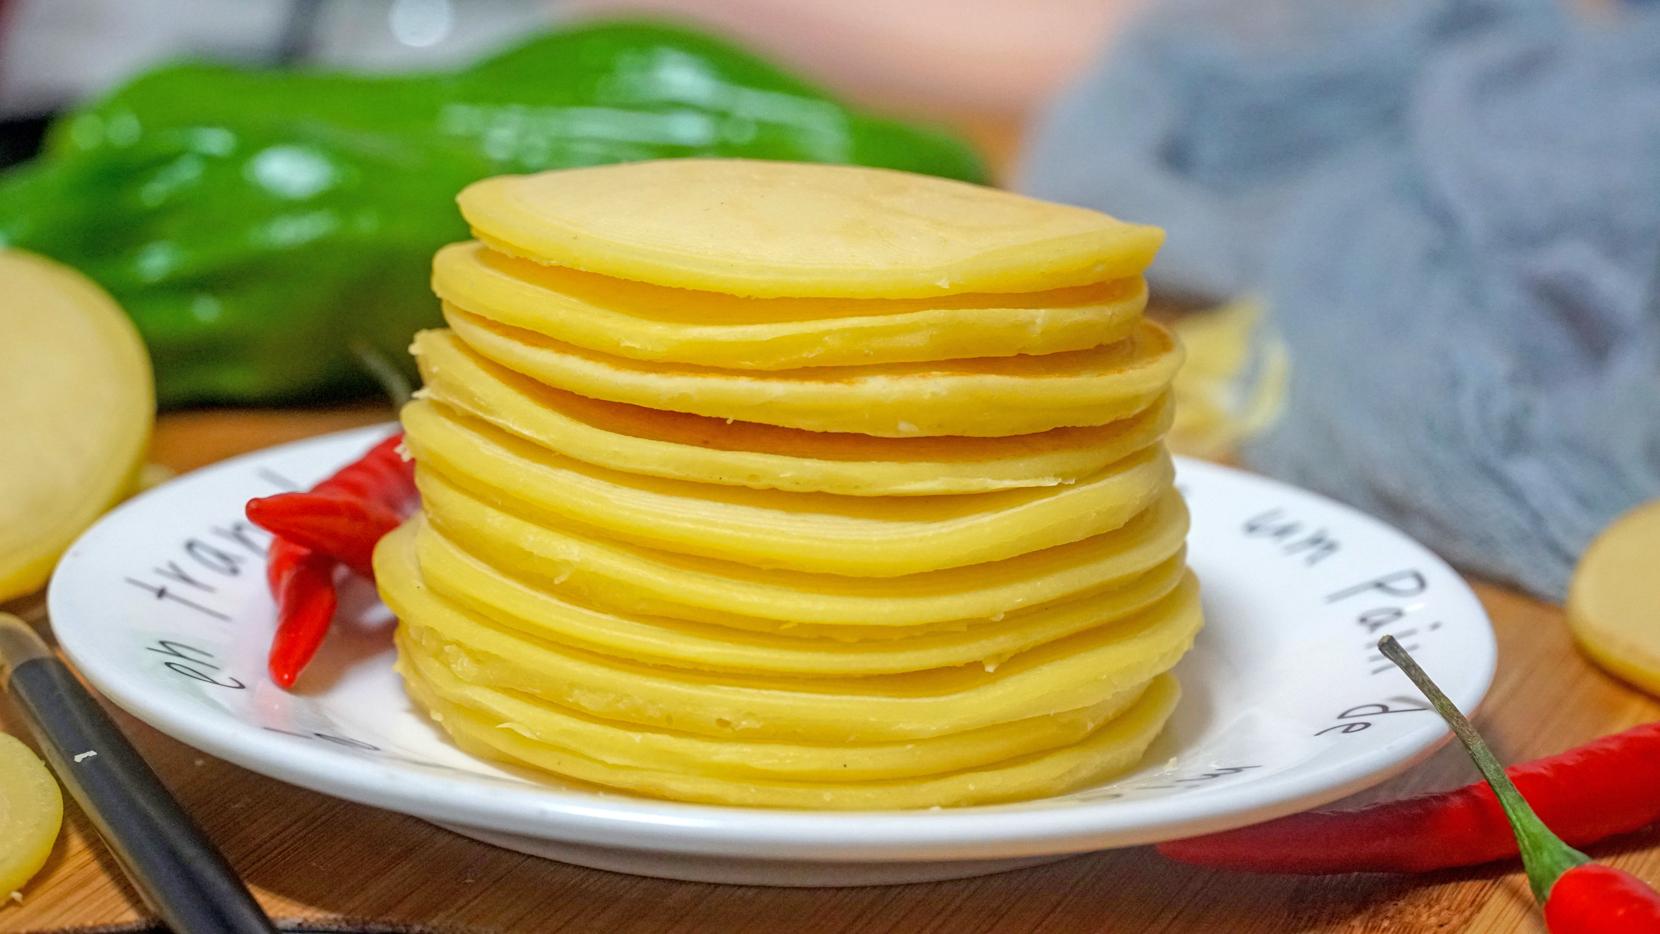 上班早餐不用愁,6款日常早餐,早起十分钟搞定,好做好吃又管饱